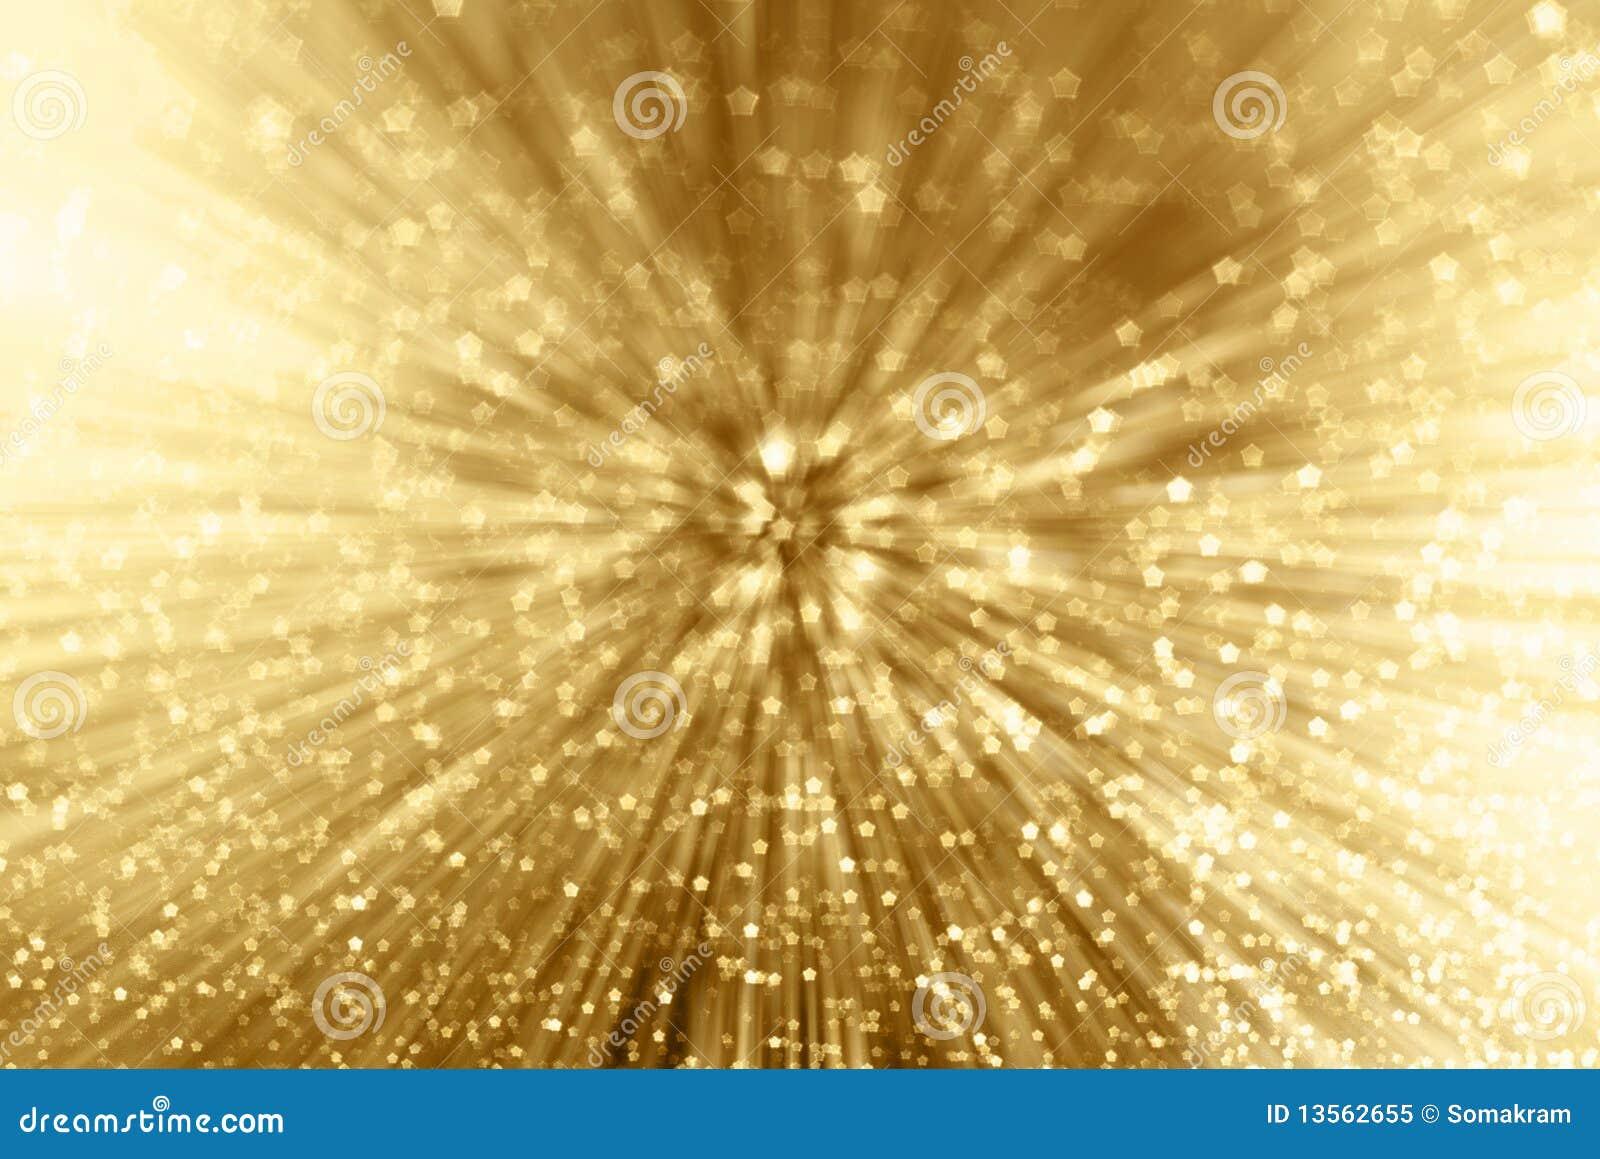 Zoom de la chispa del oro